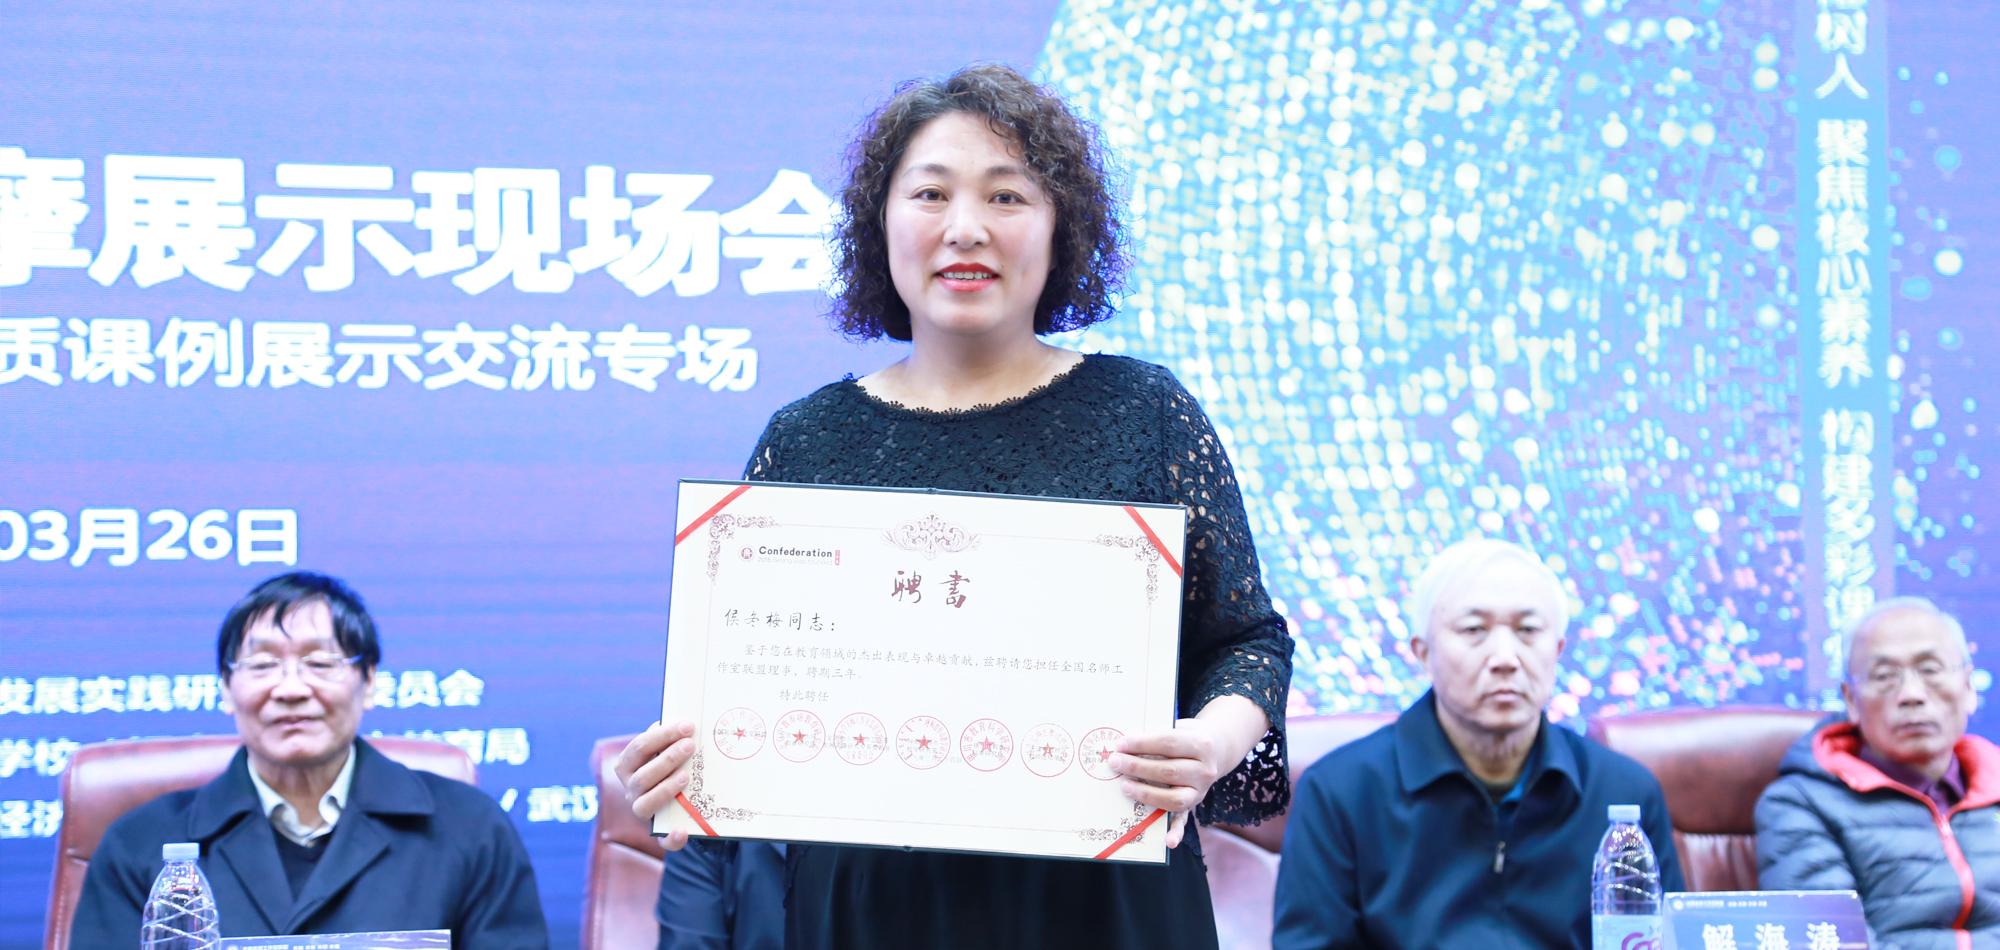 聘请河北省省级名师工作室主持人侯冬梅老师为联盟理事